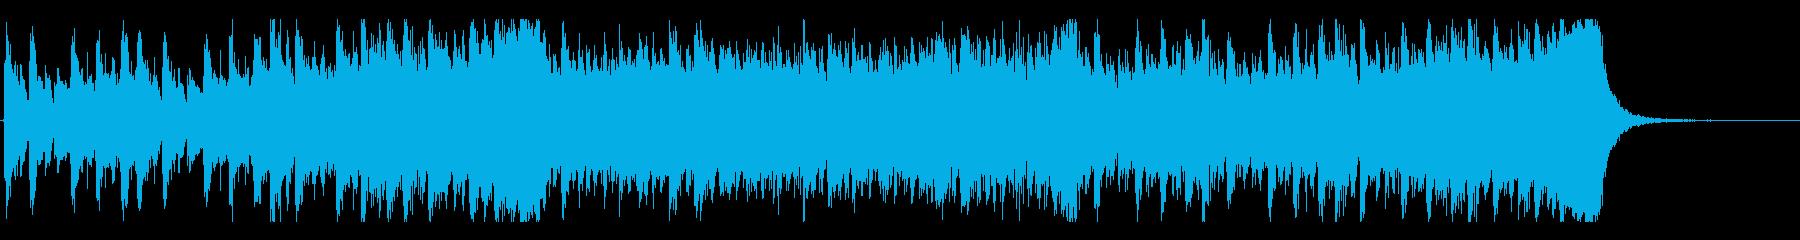 スリル感を演出するオーケストラの再生済みの波形